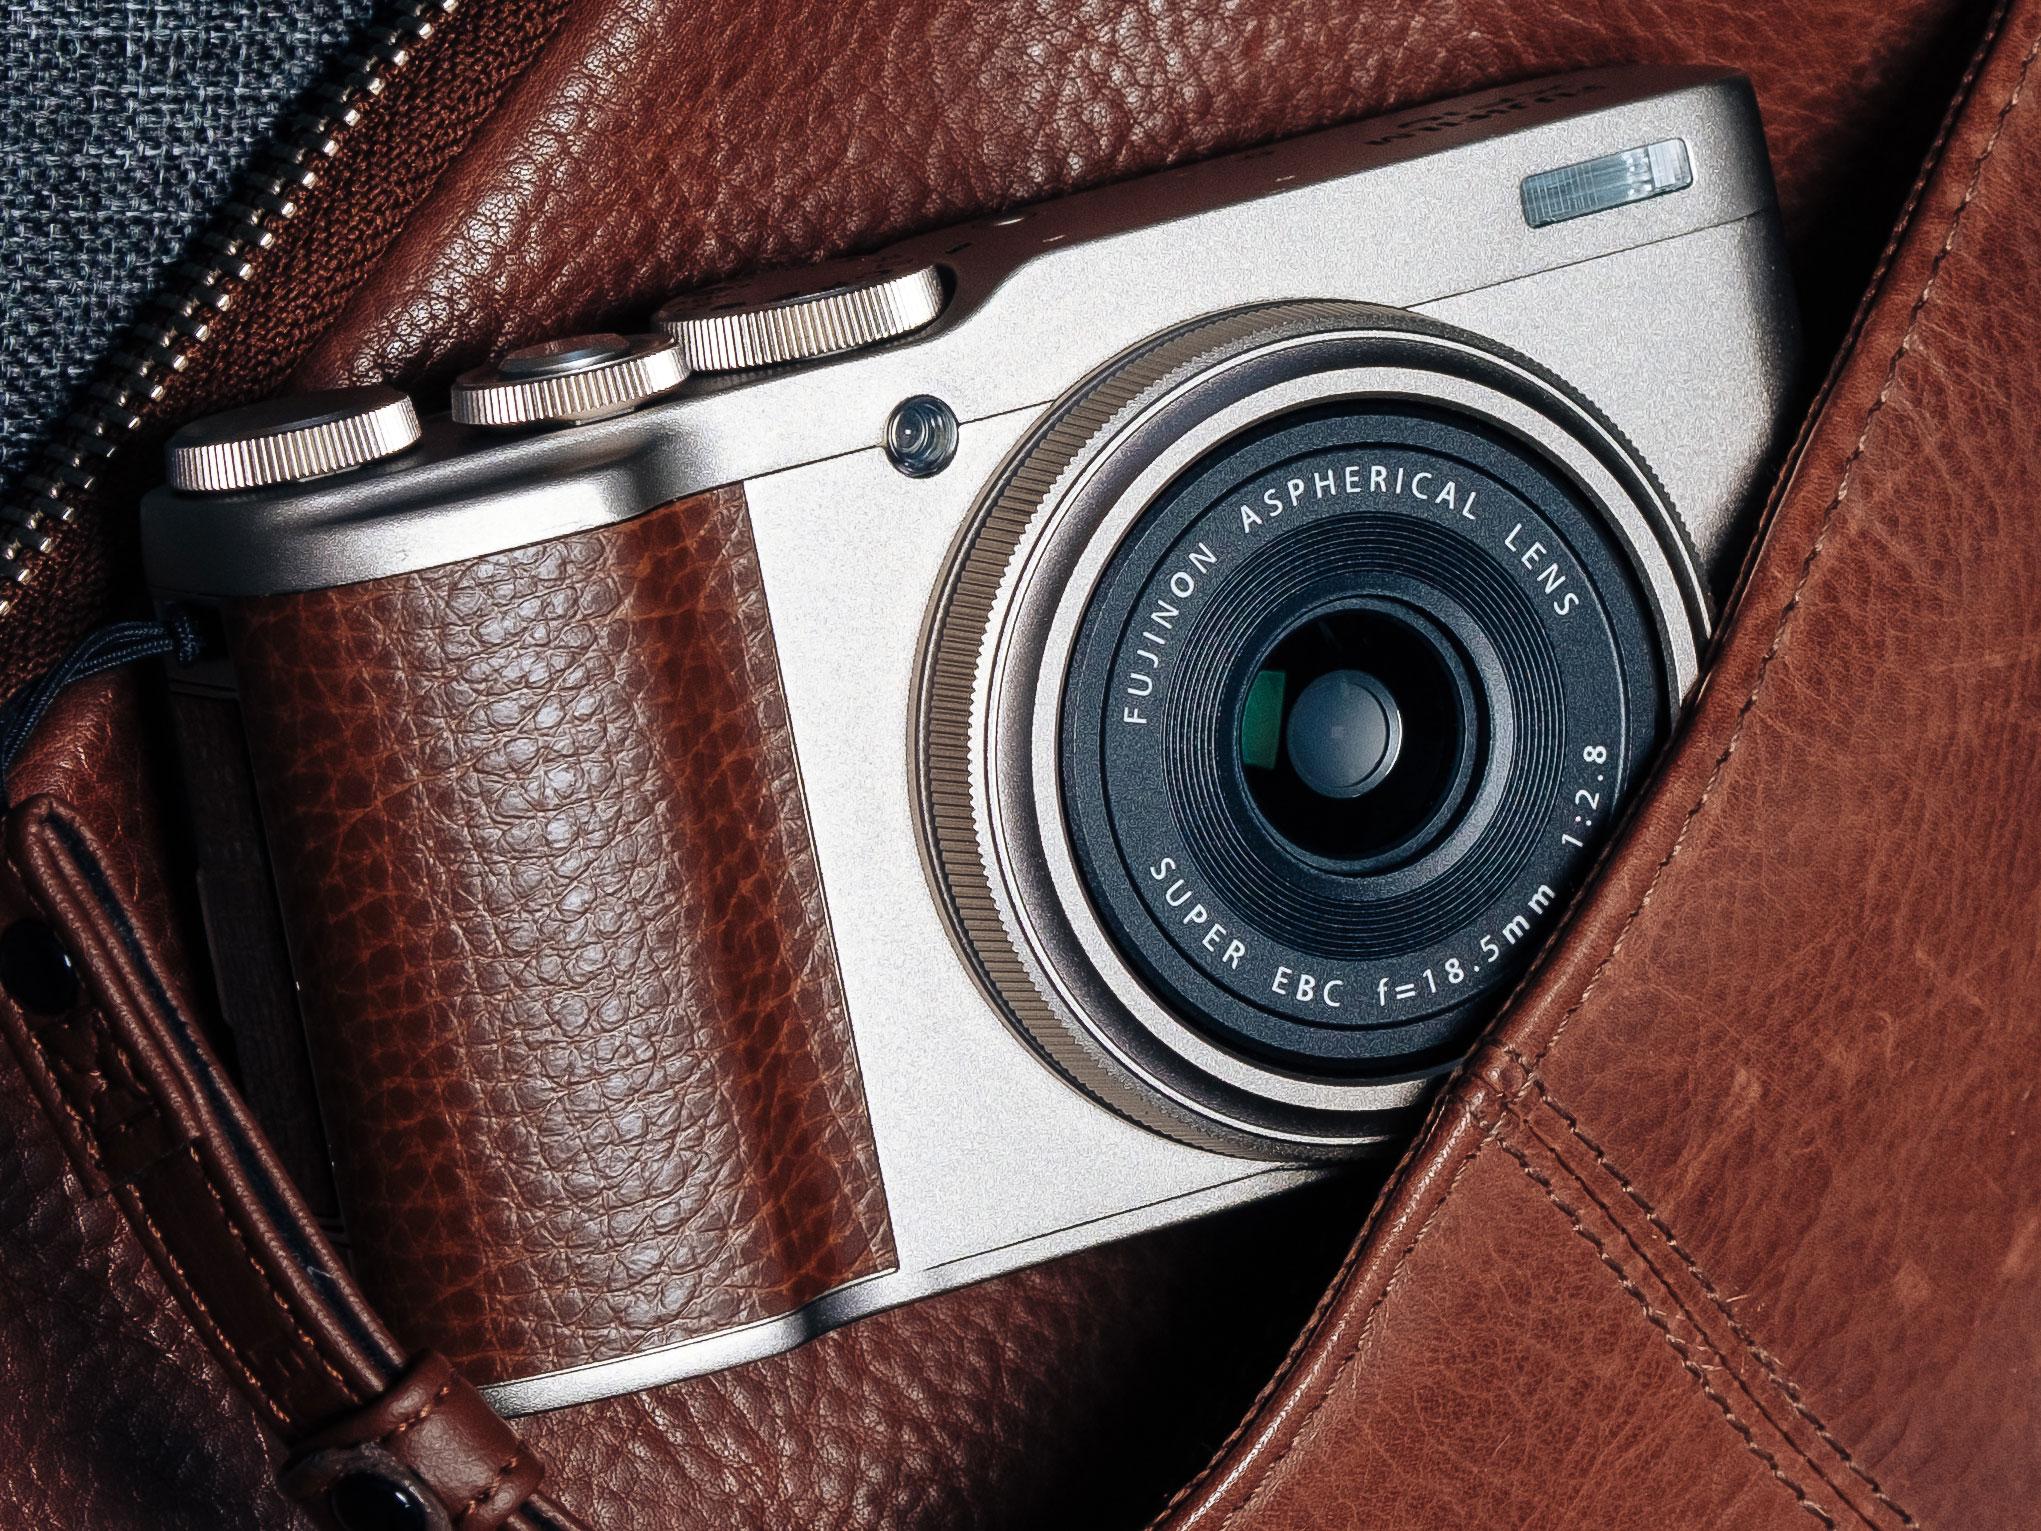 Chị em sẽ mê 5 máy ảnh giá từ 8 triệu chụp đâu đẹp đấy, gửi ảnh qua WiFi đăng liền tay khỏi cần chỉnh sửa - Ảnh 3.